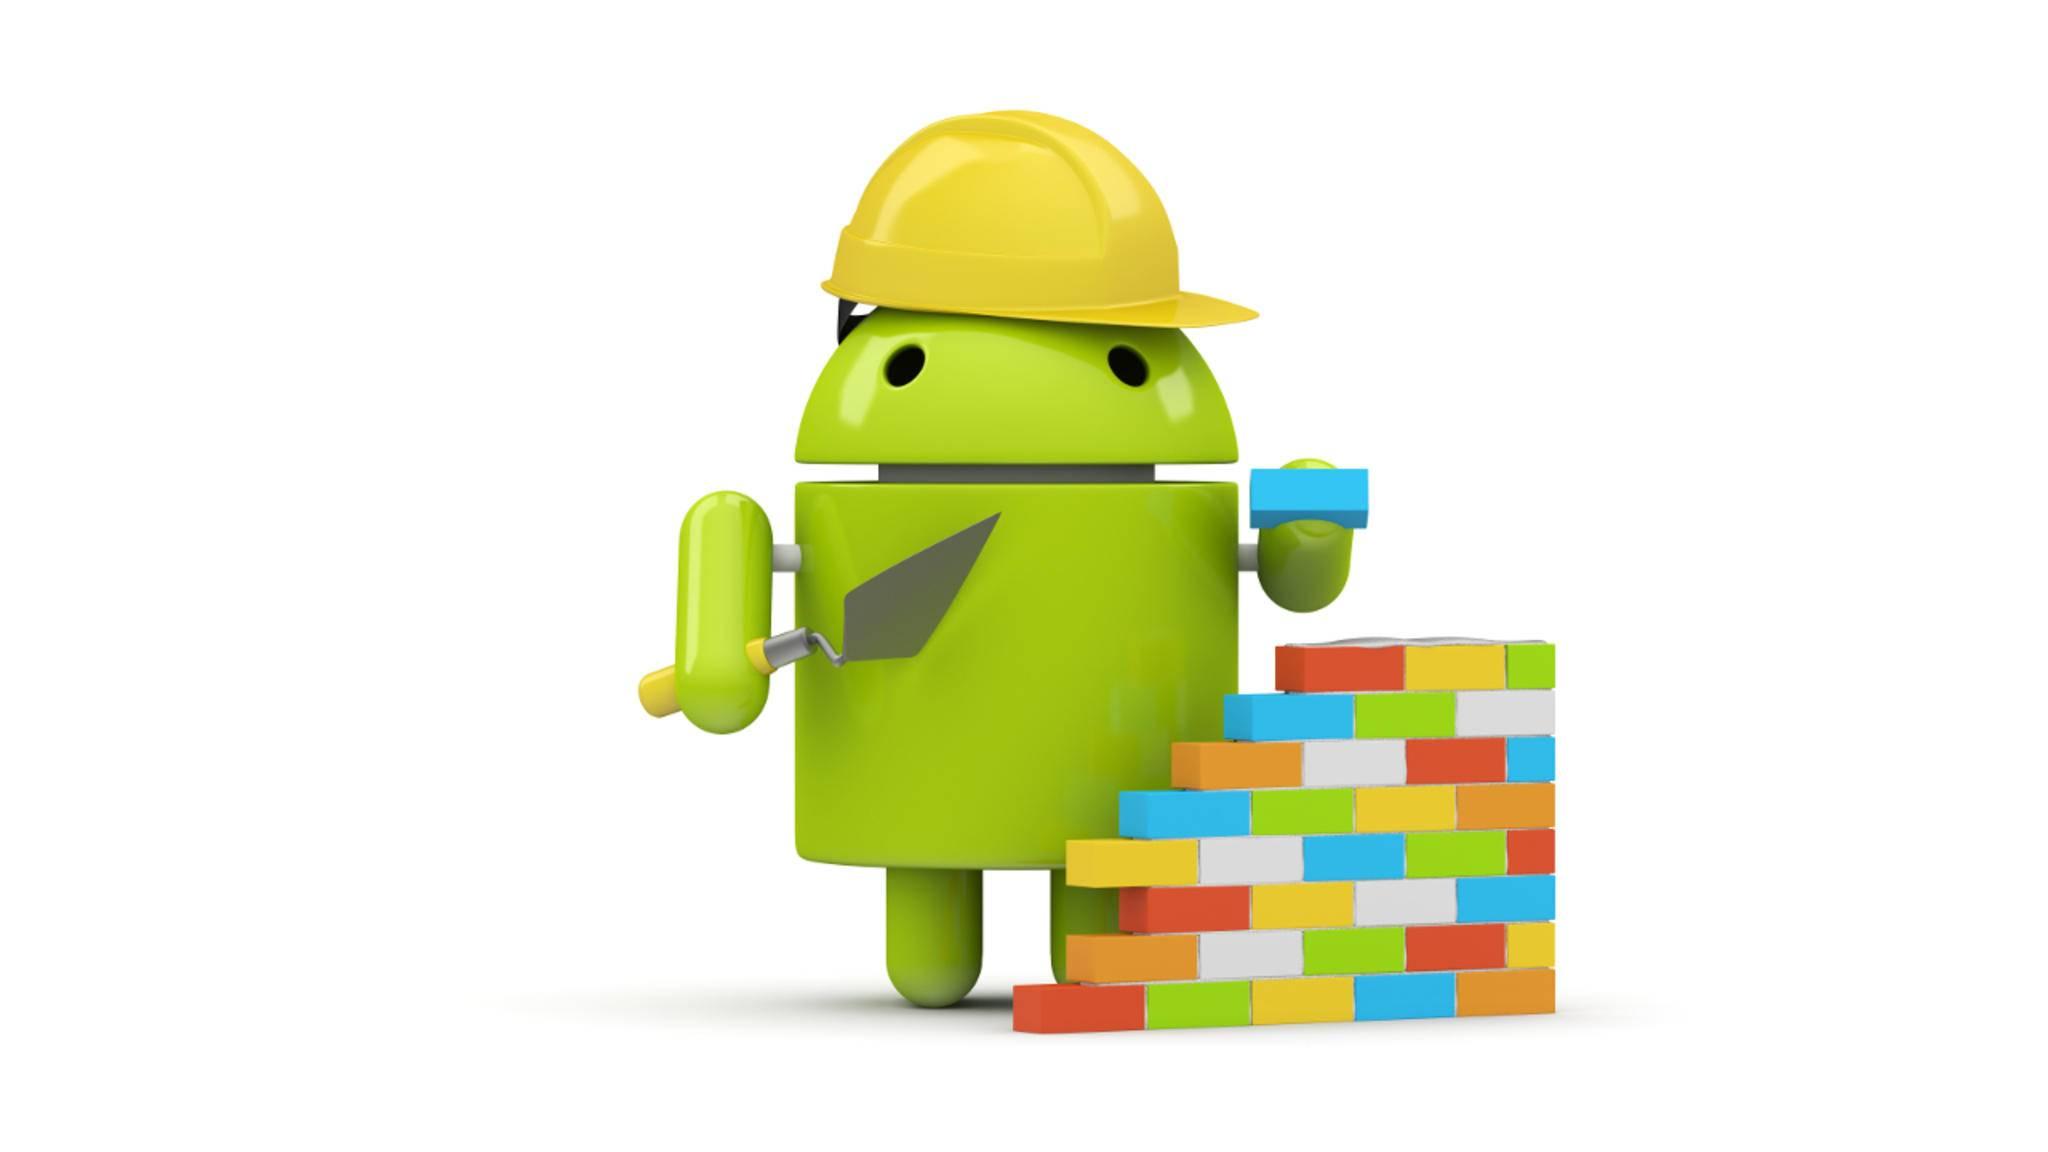 Das Rooten von Android-Smartphones ist in der Regel eine komplizierte Angelegenheit.